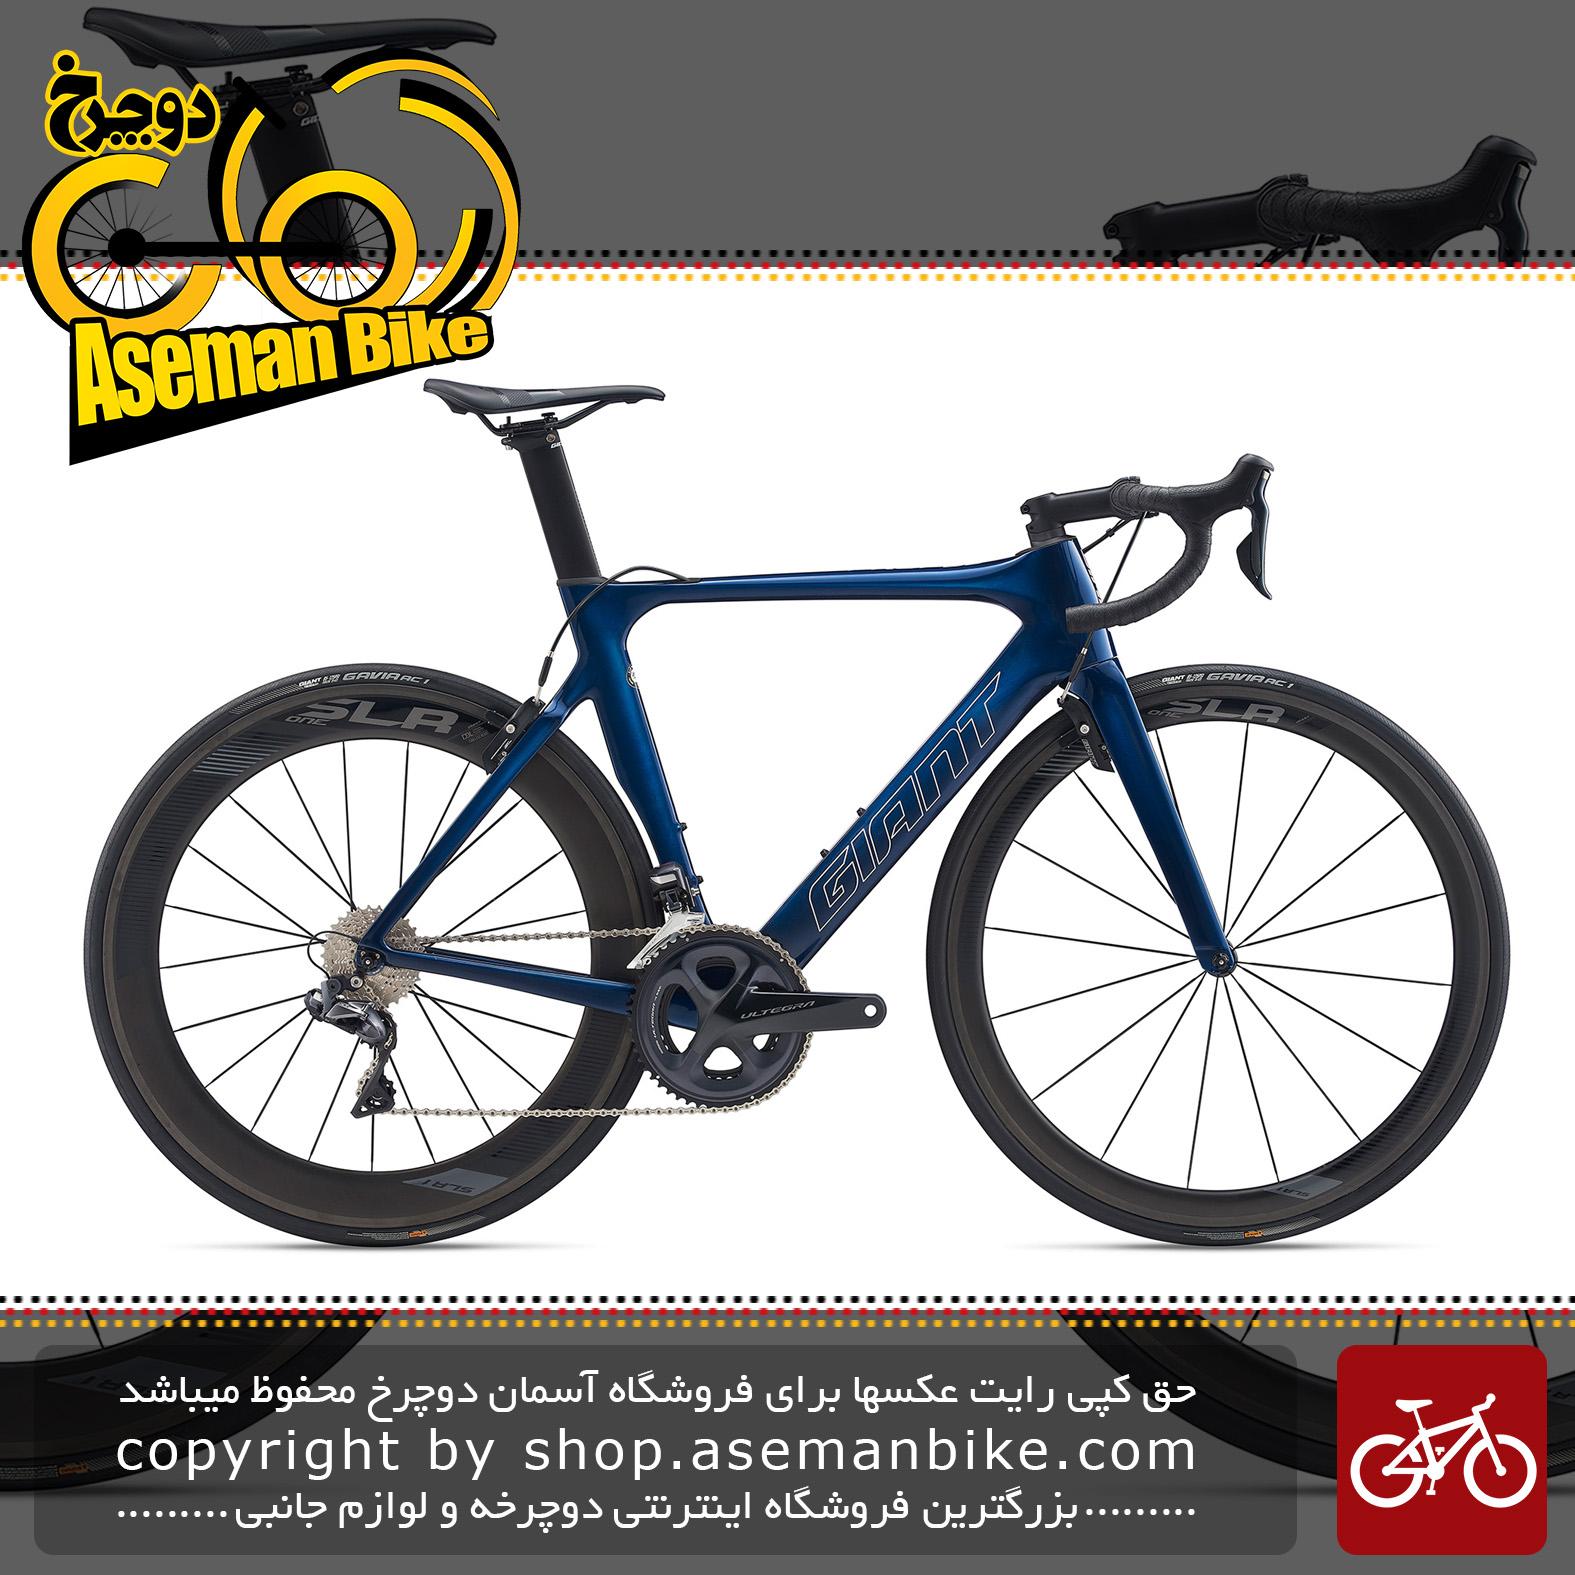 دوچرخه کورسی جاده جاینت مدل پروپل ادونس 0 2020 Giant Road Bicycle Propel Advanced 0 2020